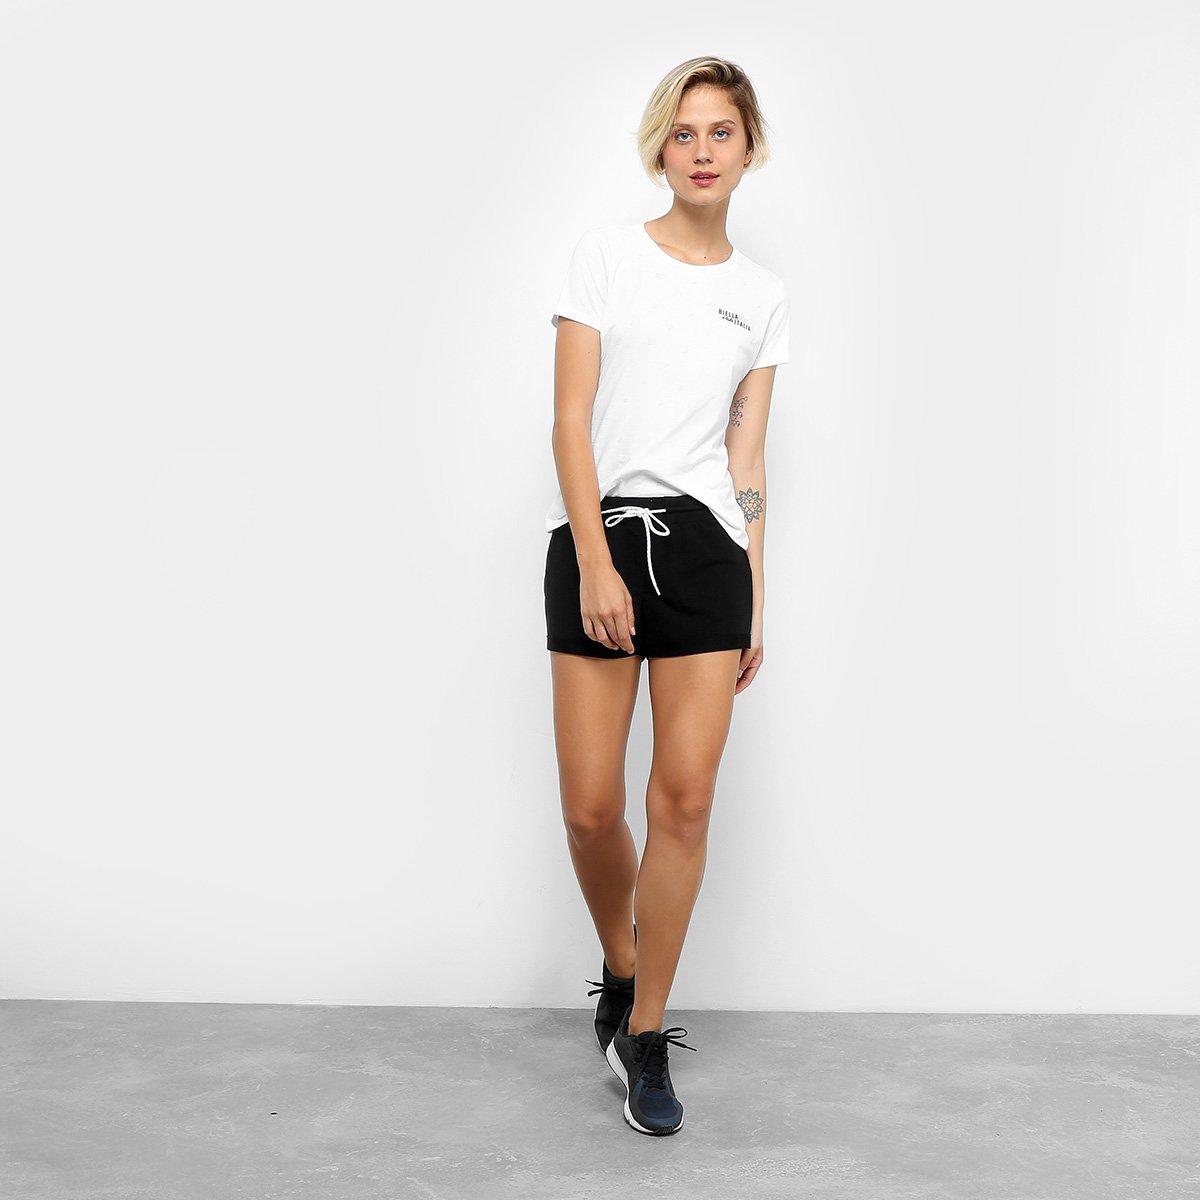 Camiseta Cult Camiseta Feminina Fila Branco Fila 5B46qg6